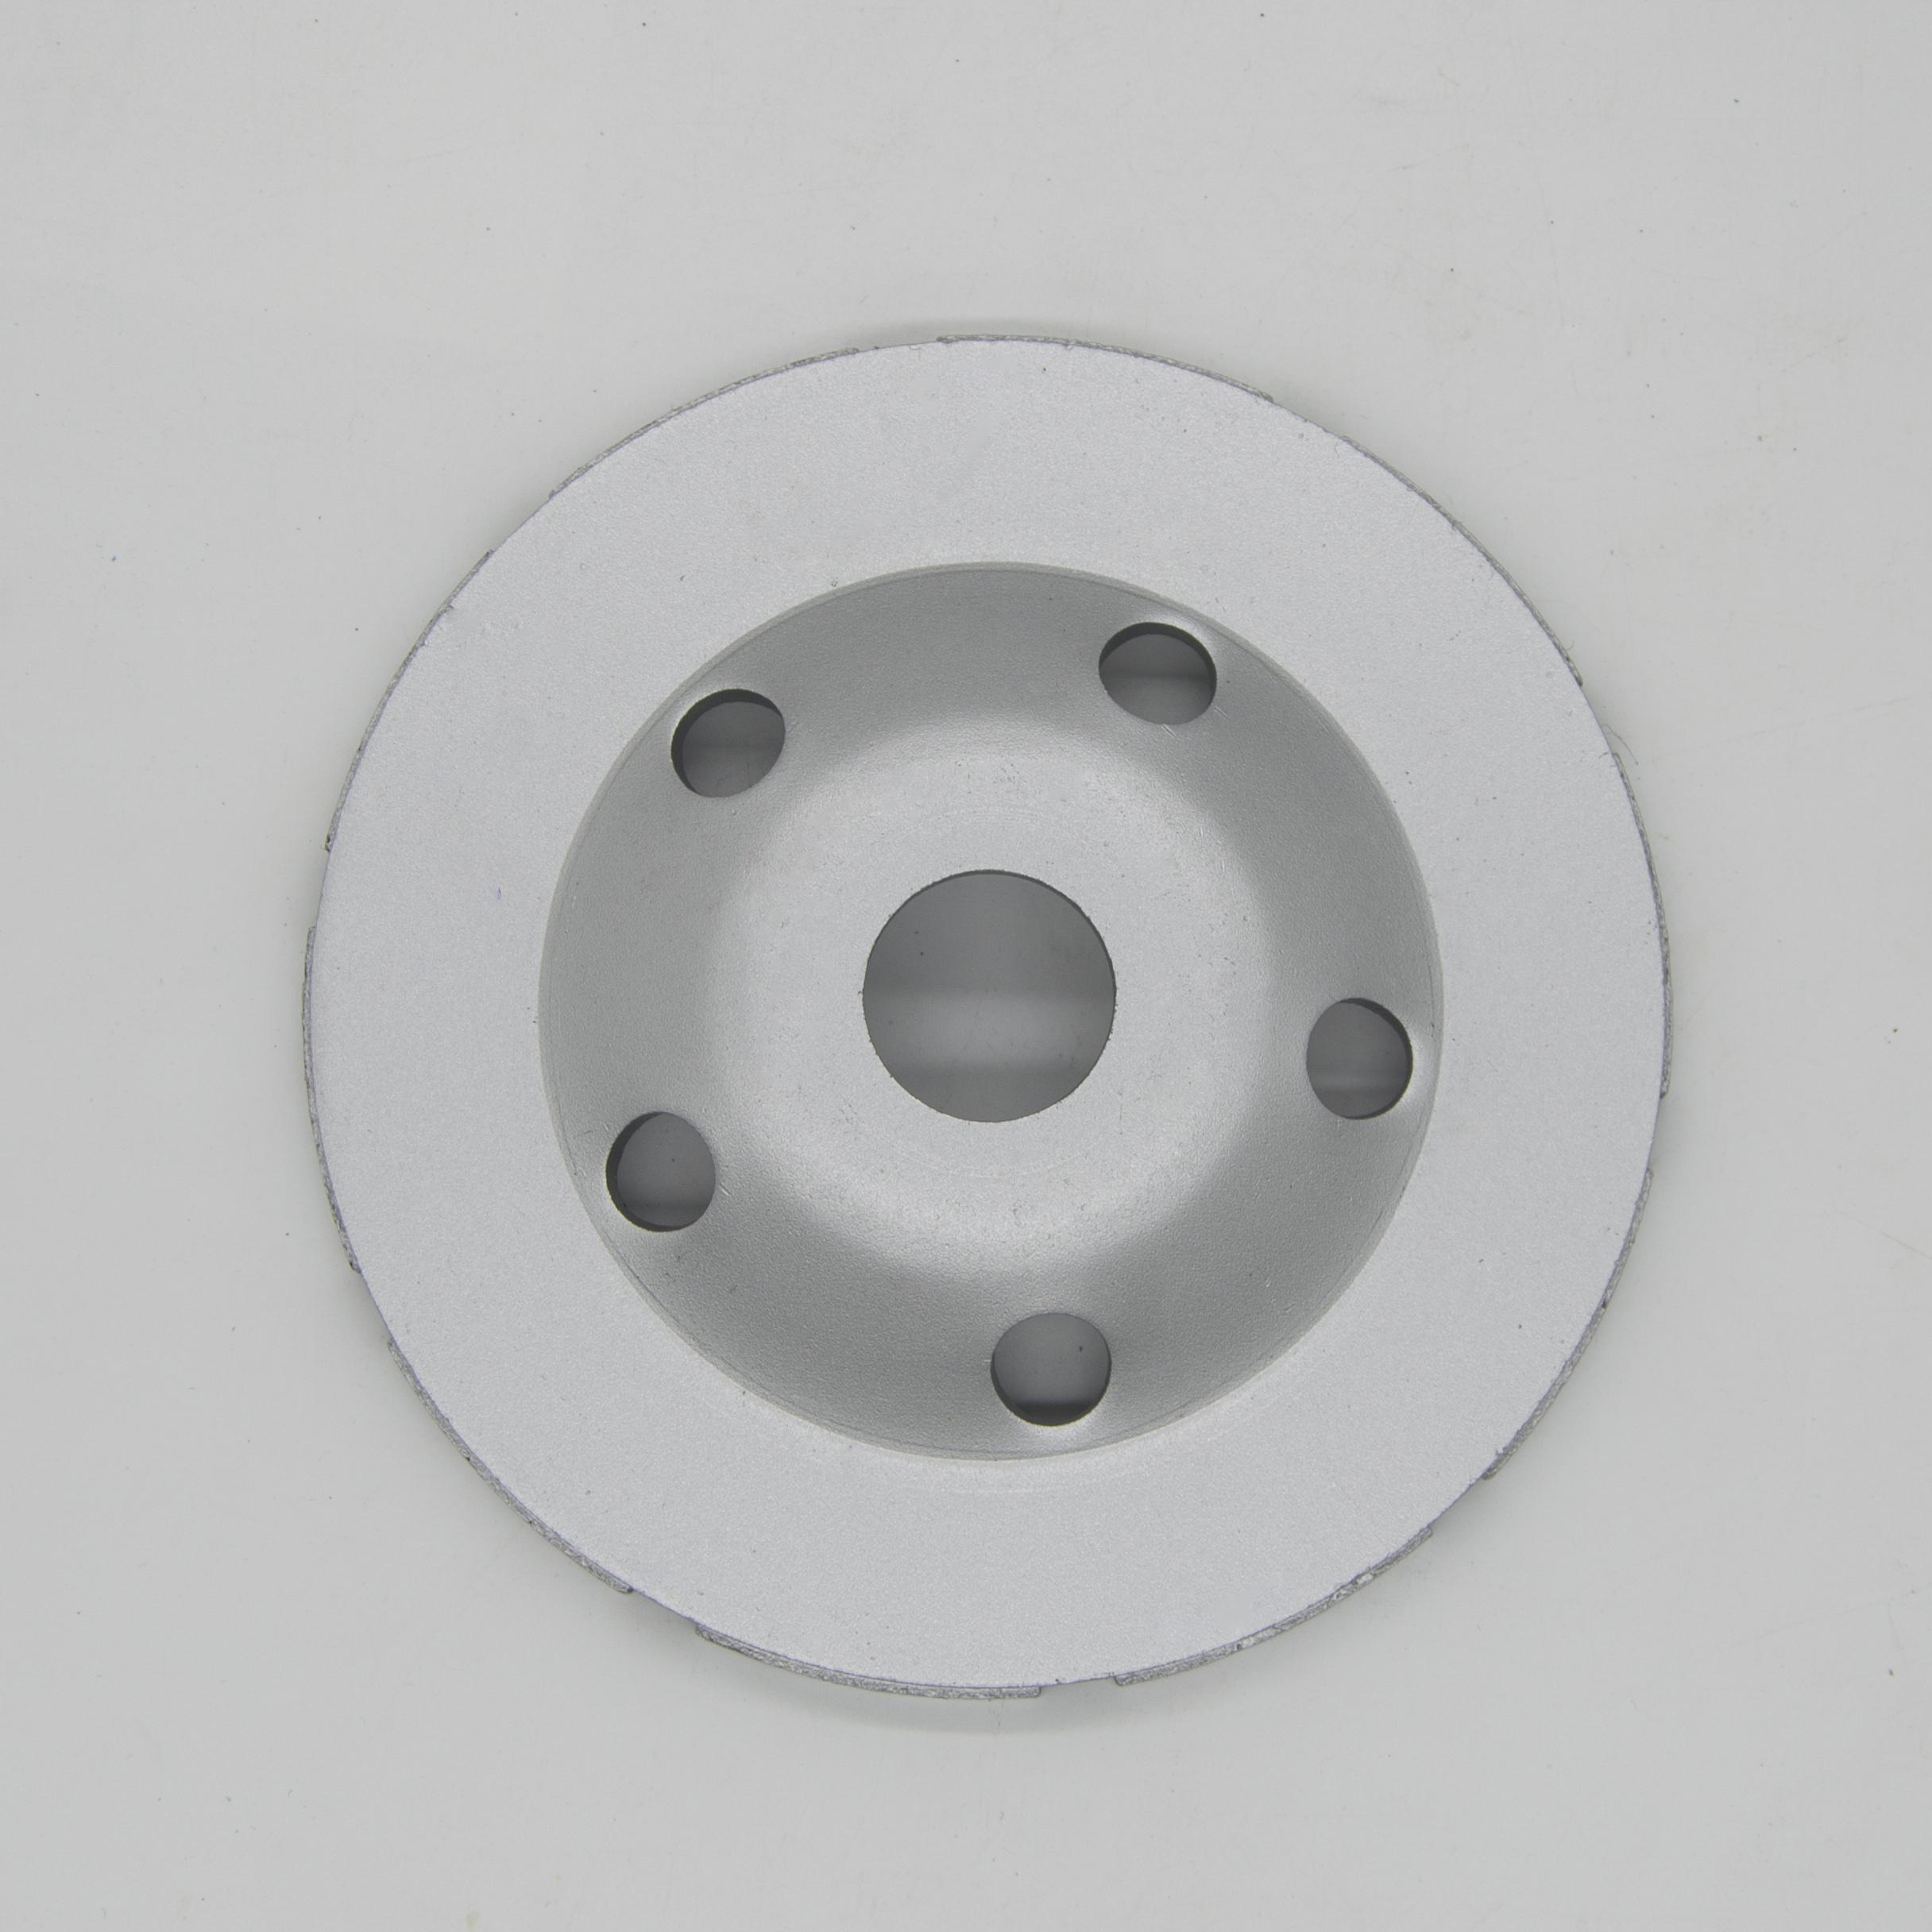 Dimaond Grinding Wheels